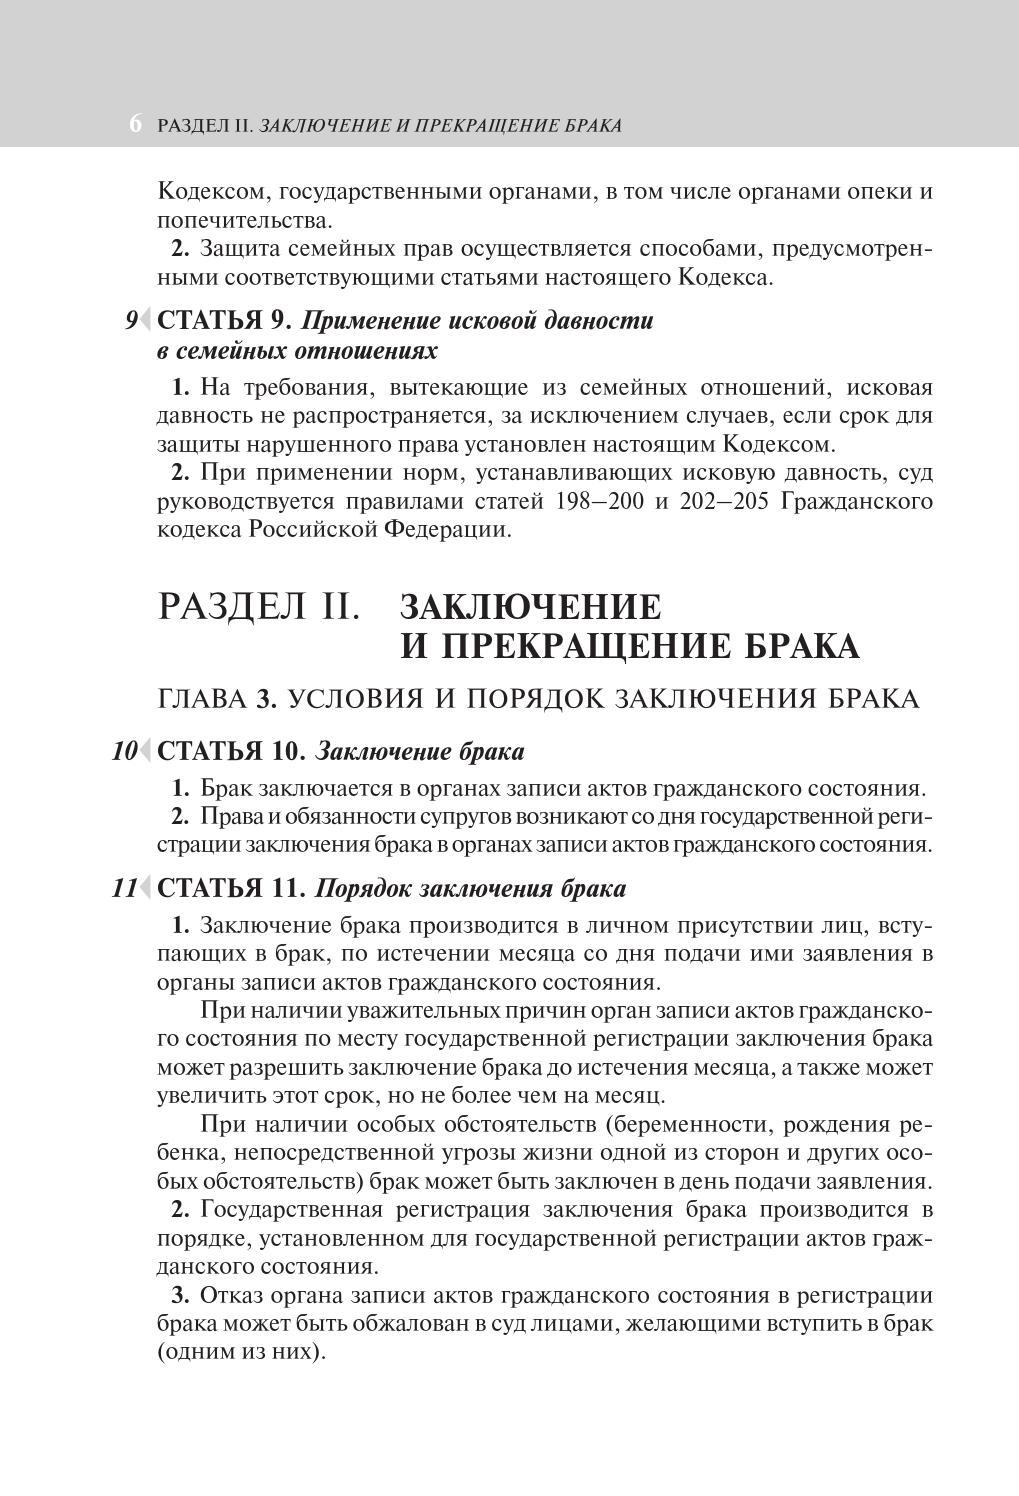 Процедура усыновления ребенка в россии: порядок, условия и требования